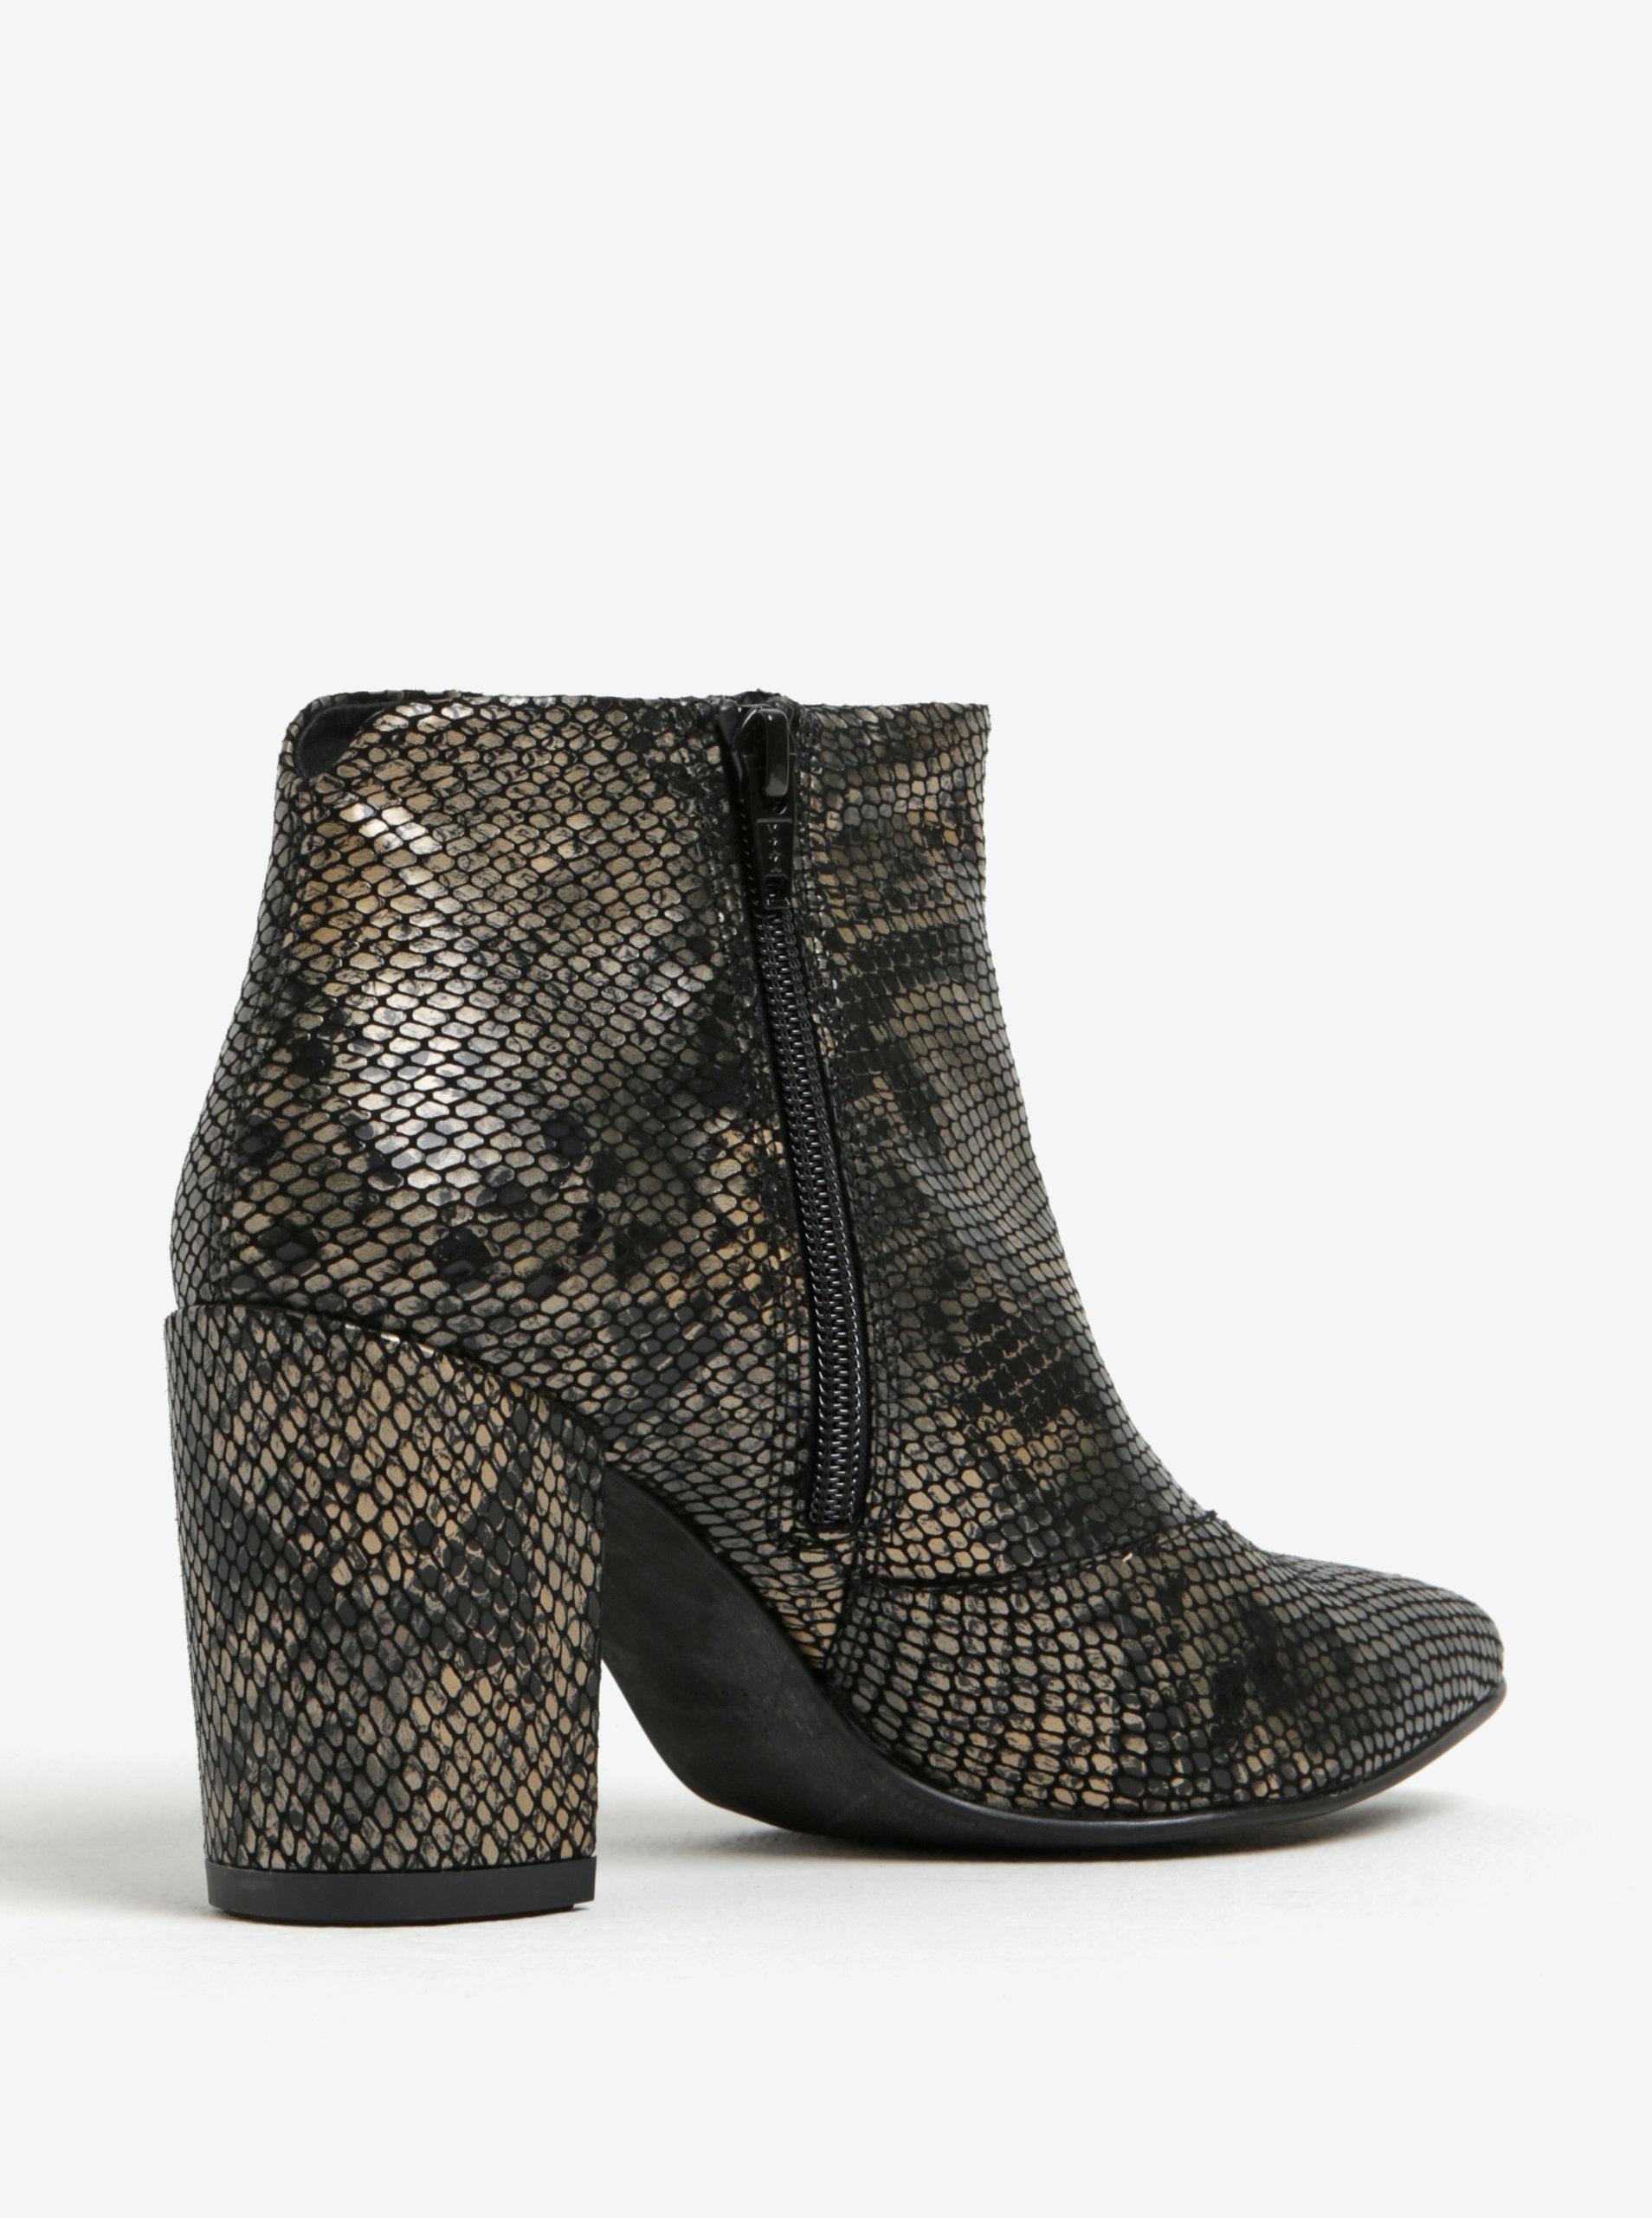 Černé dámské kožené kotníkové vzorované boty Vagabond Saida ... e9080ddb4a